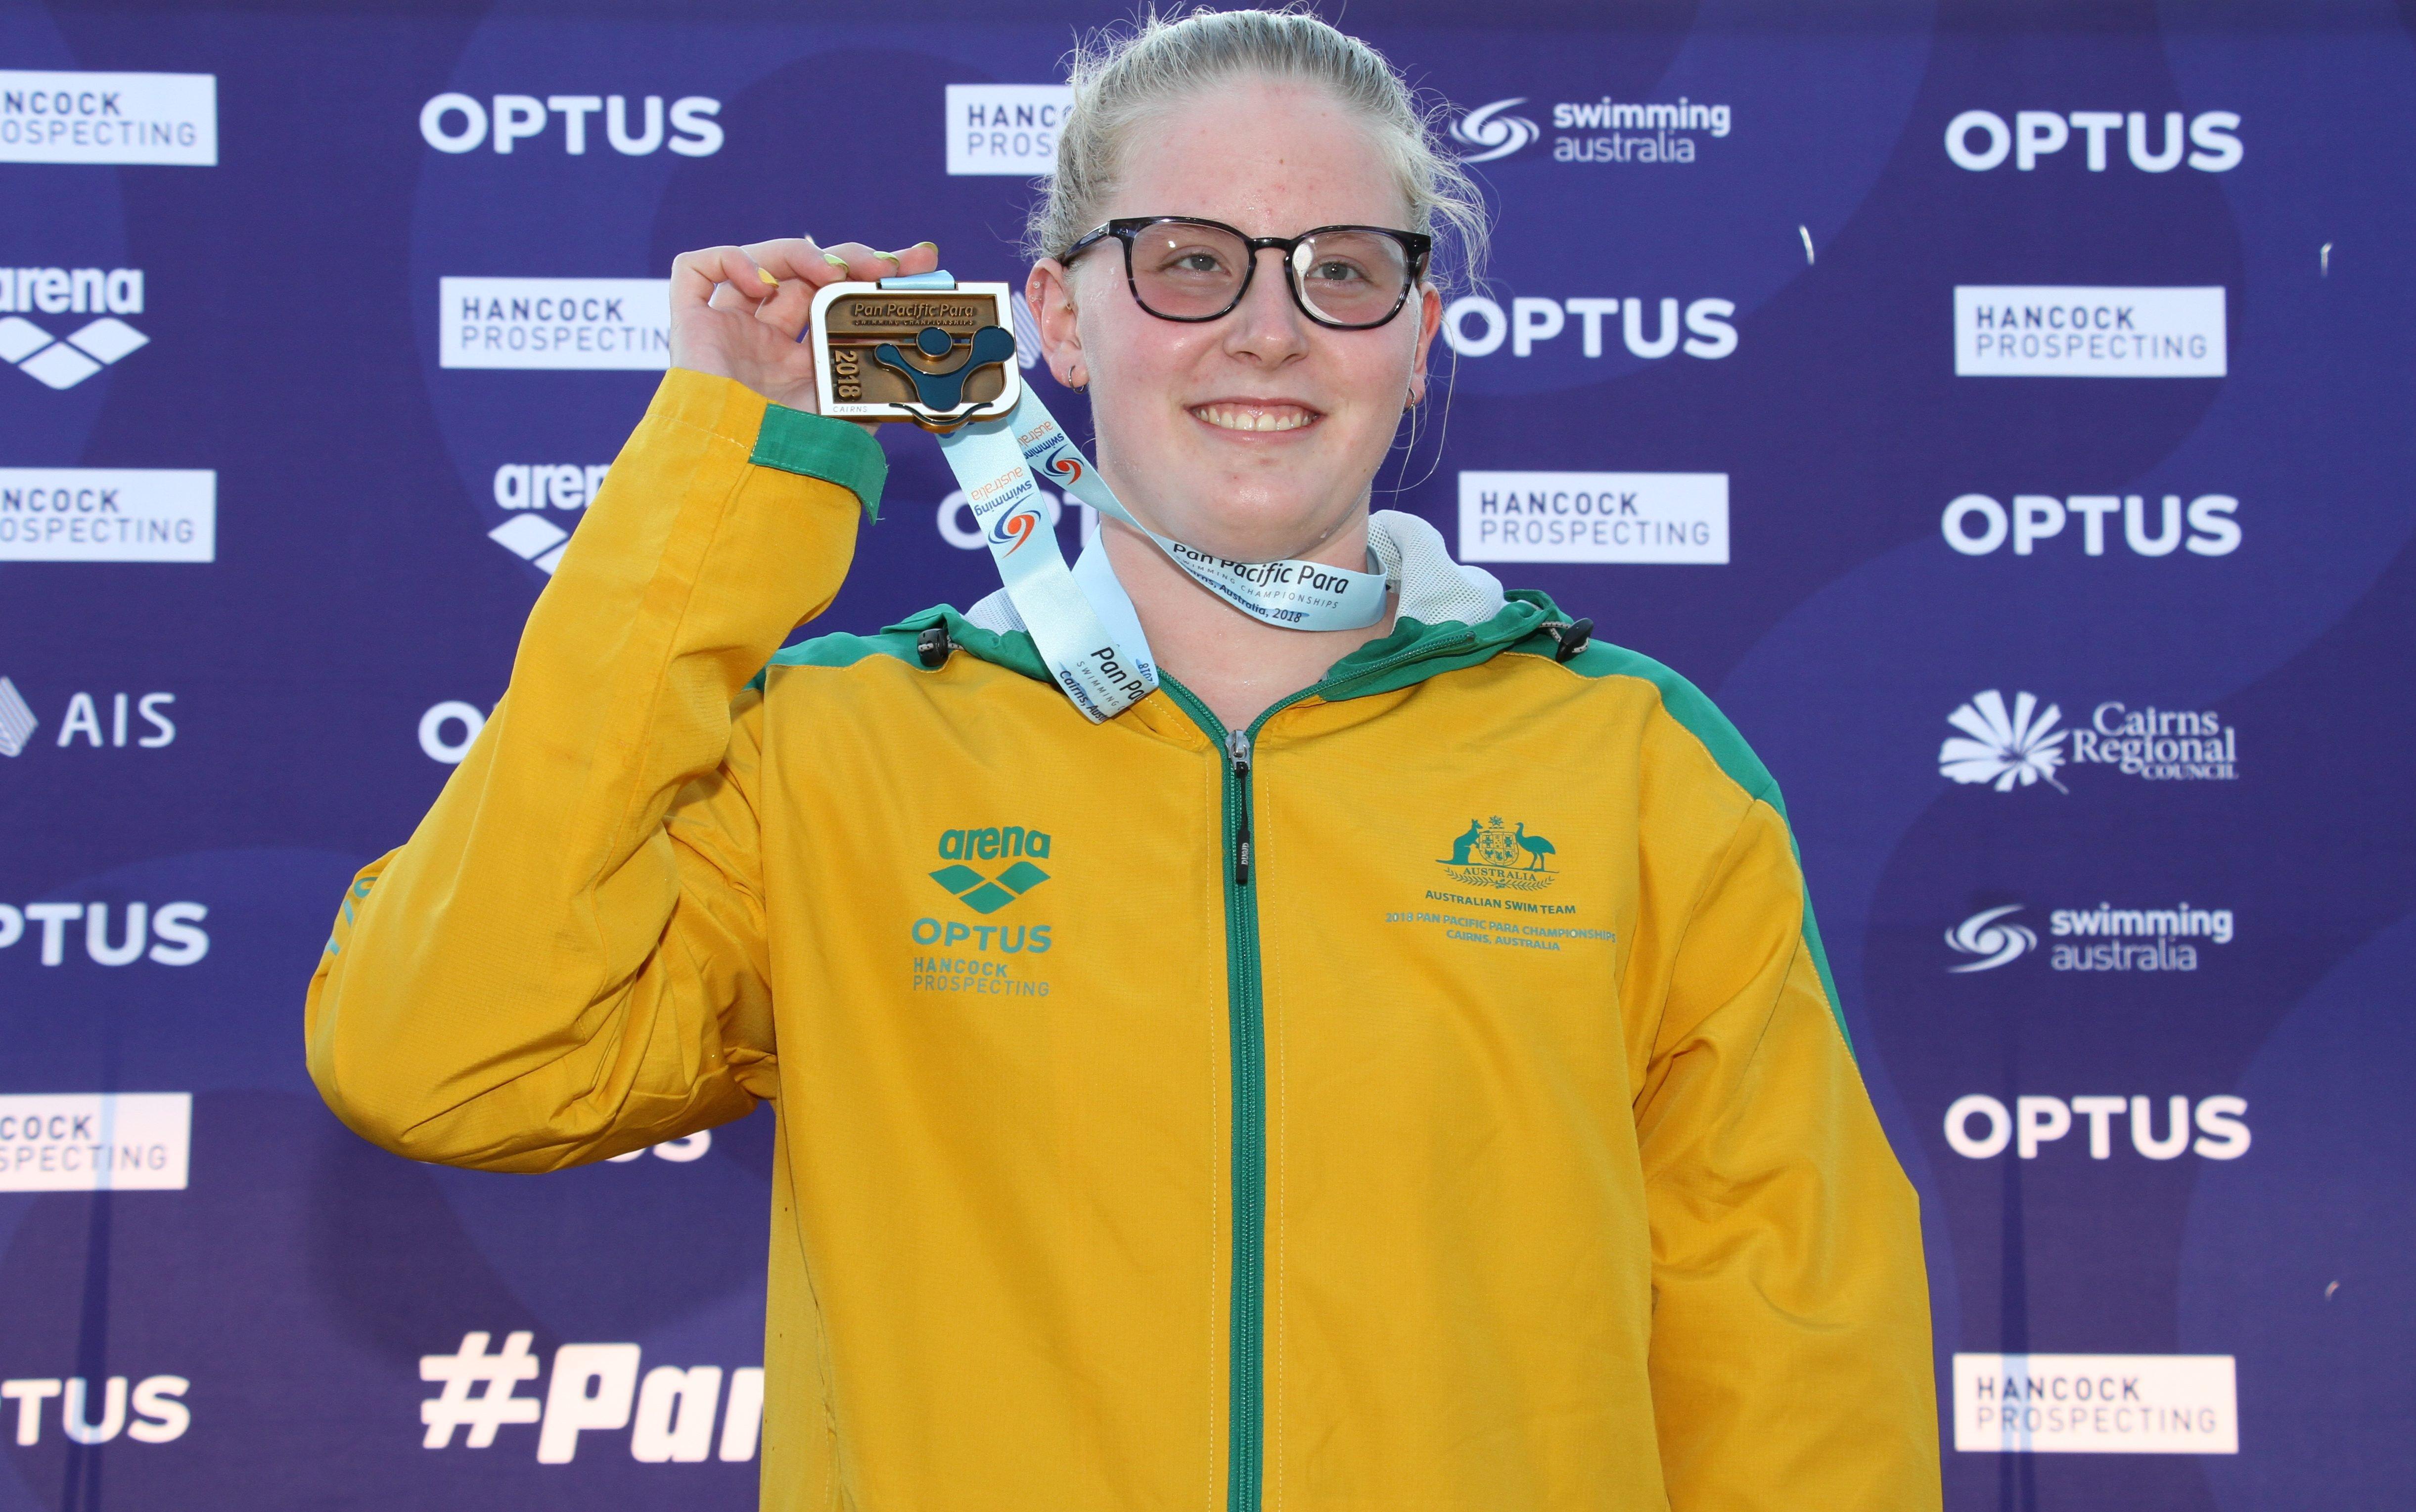 Katja later – Dedekind and Dolphins deliver more gold for Australia